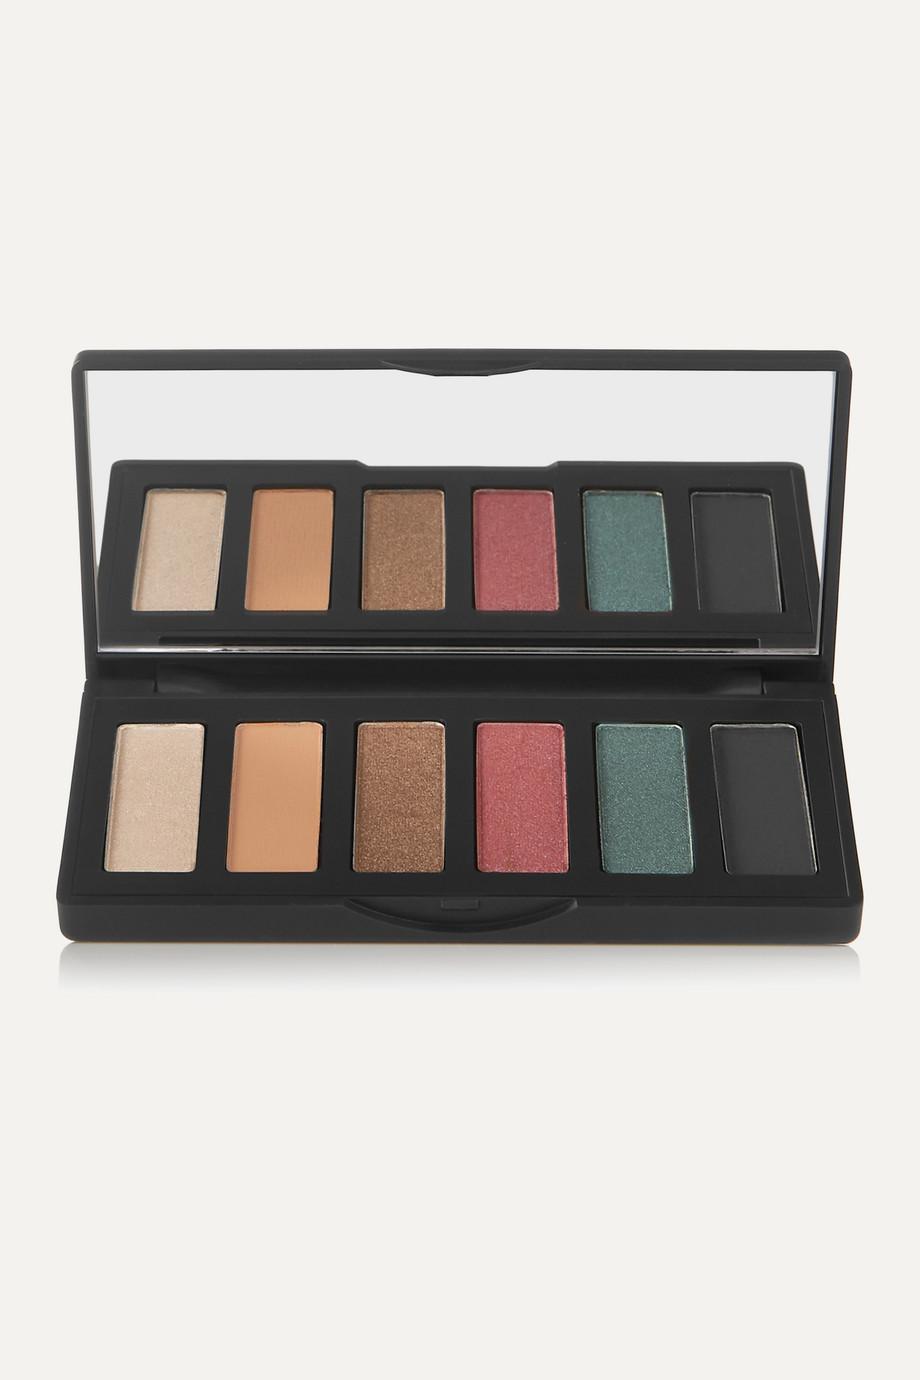 Code8 Iconoclast Eyeshadow Palette - Jaipur Marbles